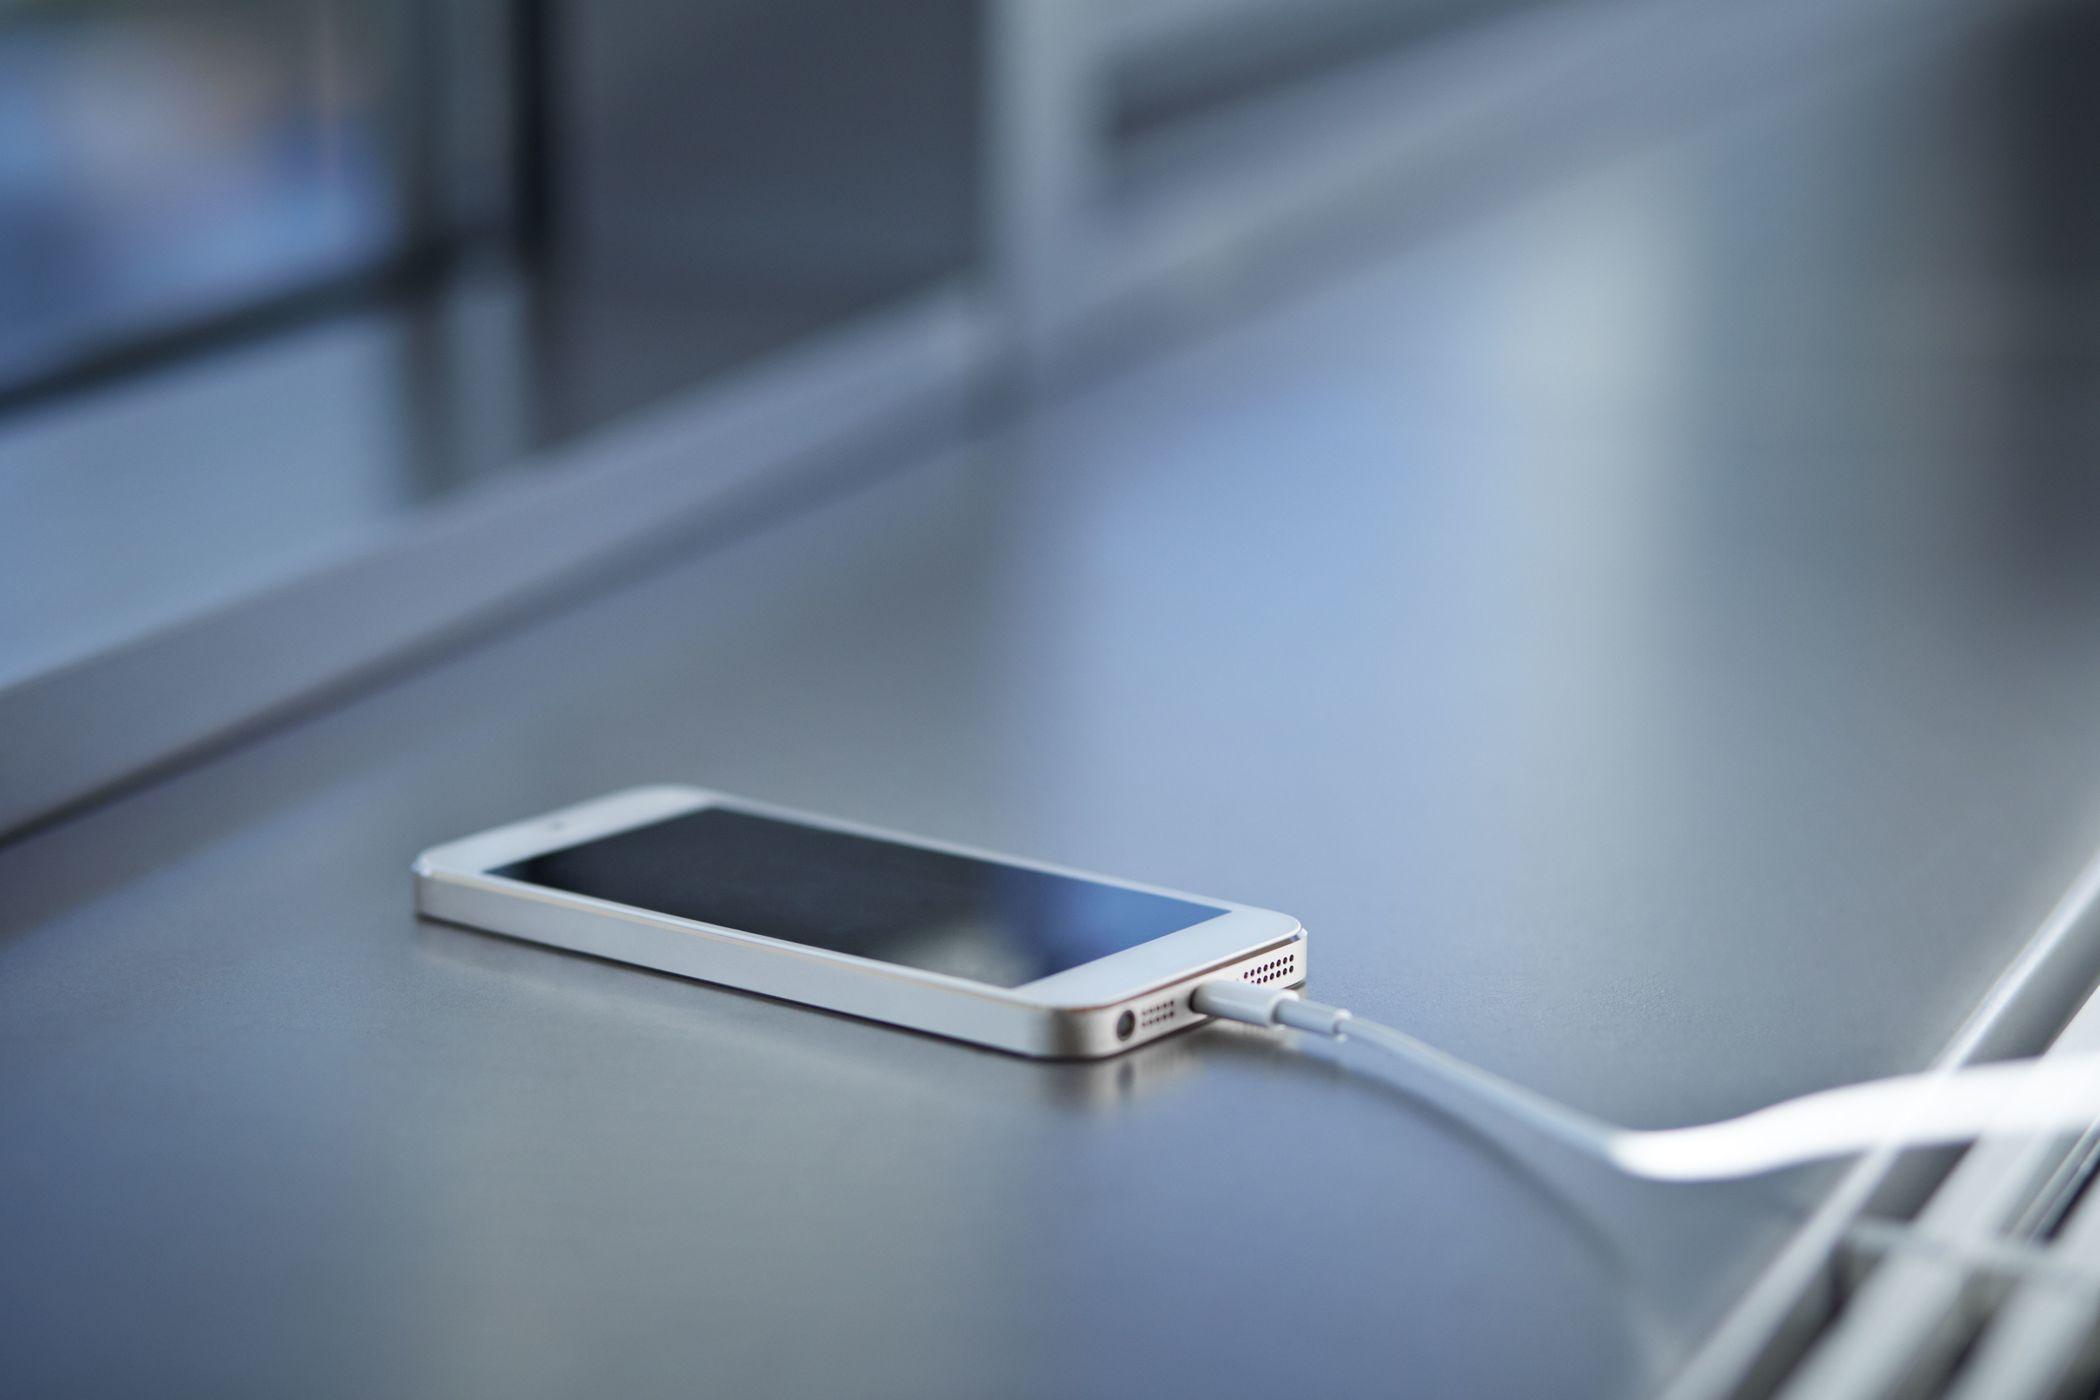 英国男子洗澡时手持iPhone充电 结果触电死亡